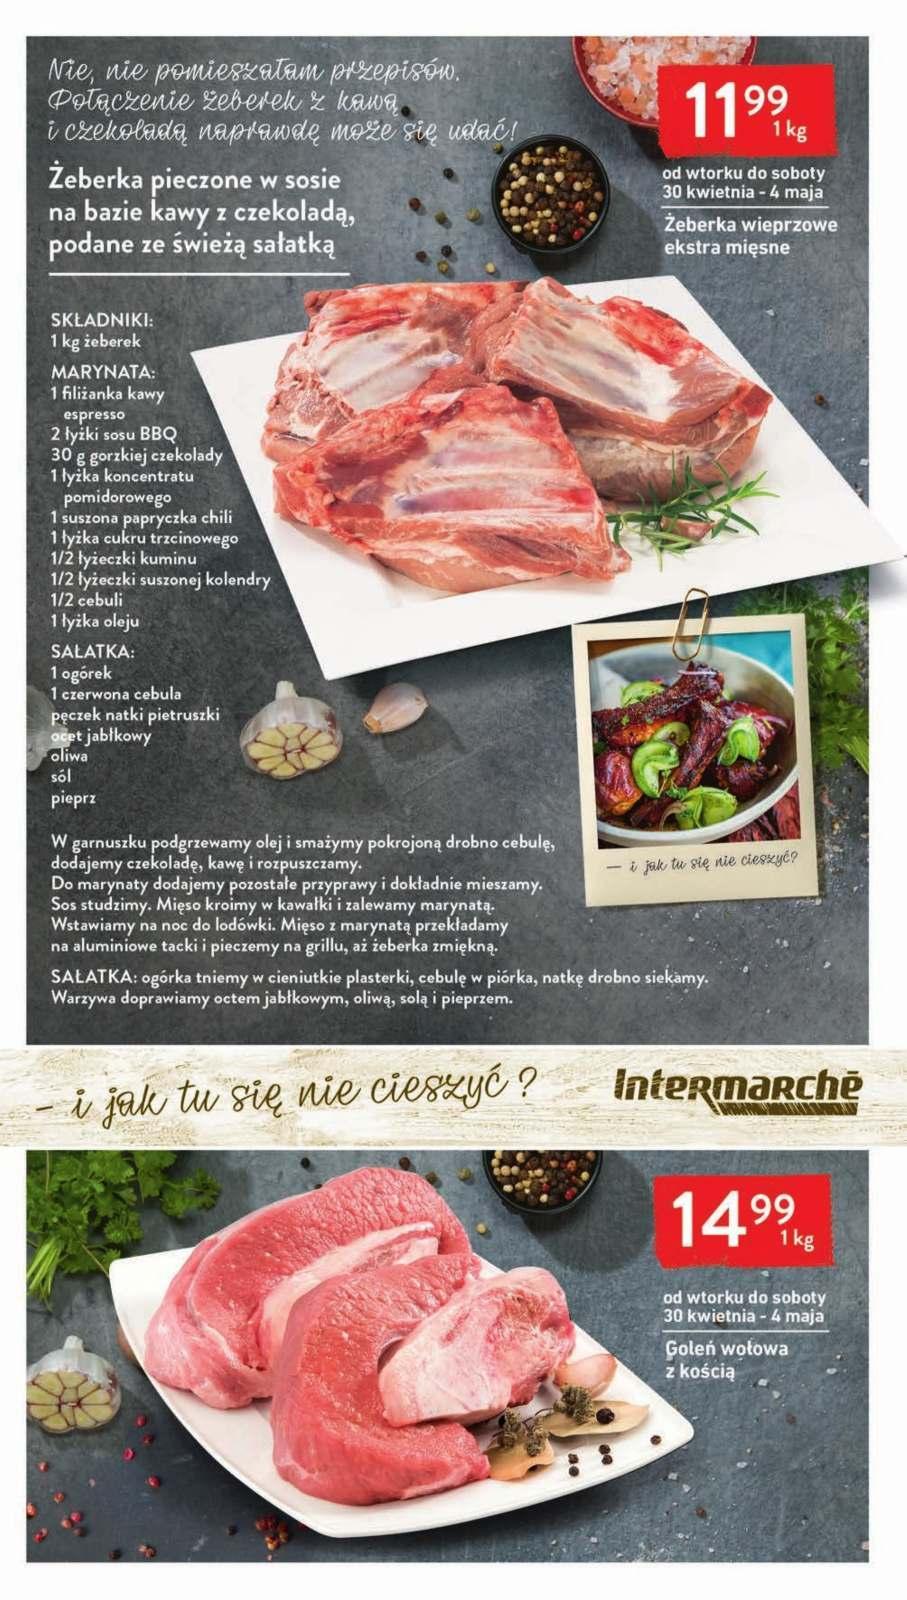 Gazetka promocyjna Intermarche do 06/05/2019 str.8